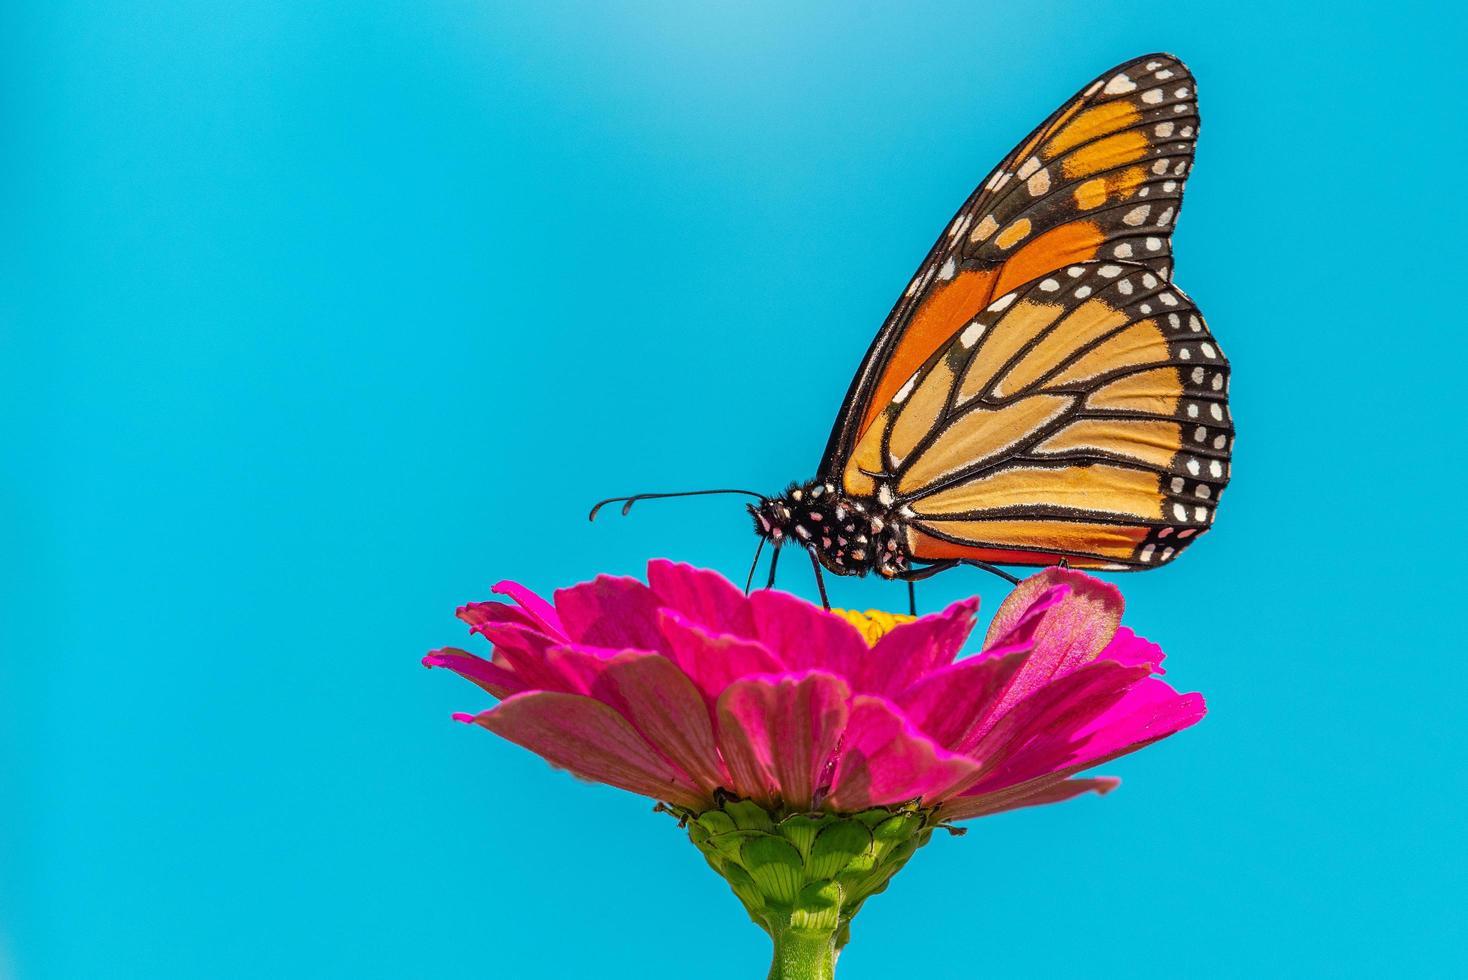 papillon monarque perché sur une fleur de zinnia rose vif sur fond bleu photo